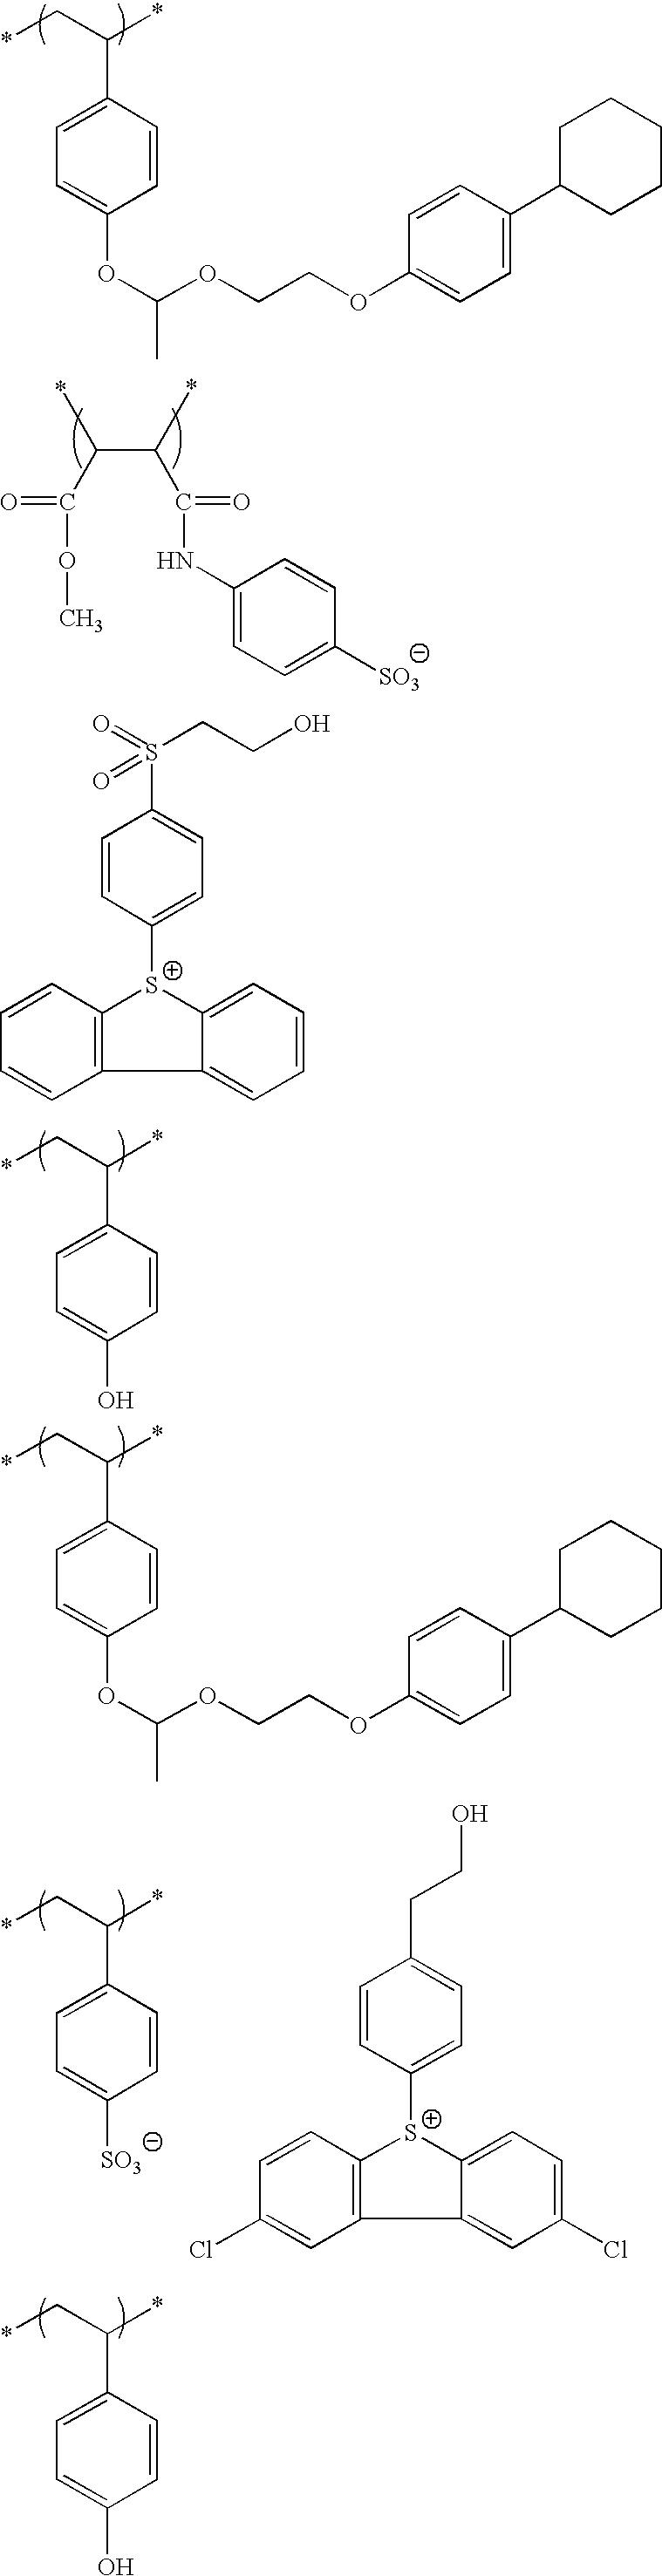 Figure US20100183975A1-20100722-C00164